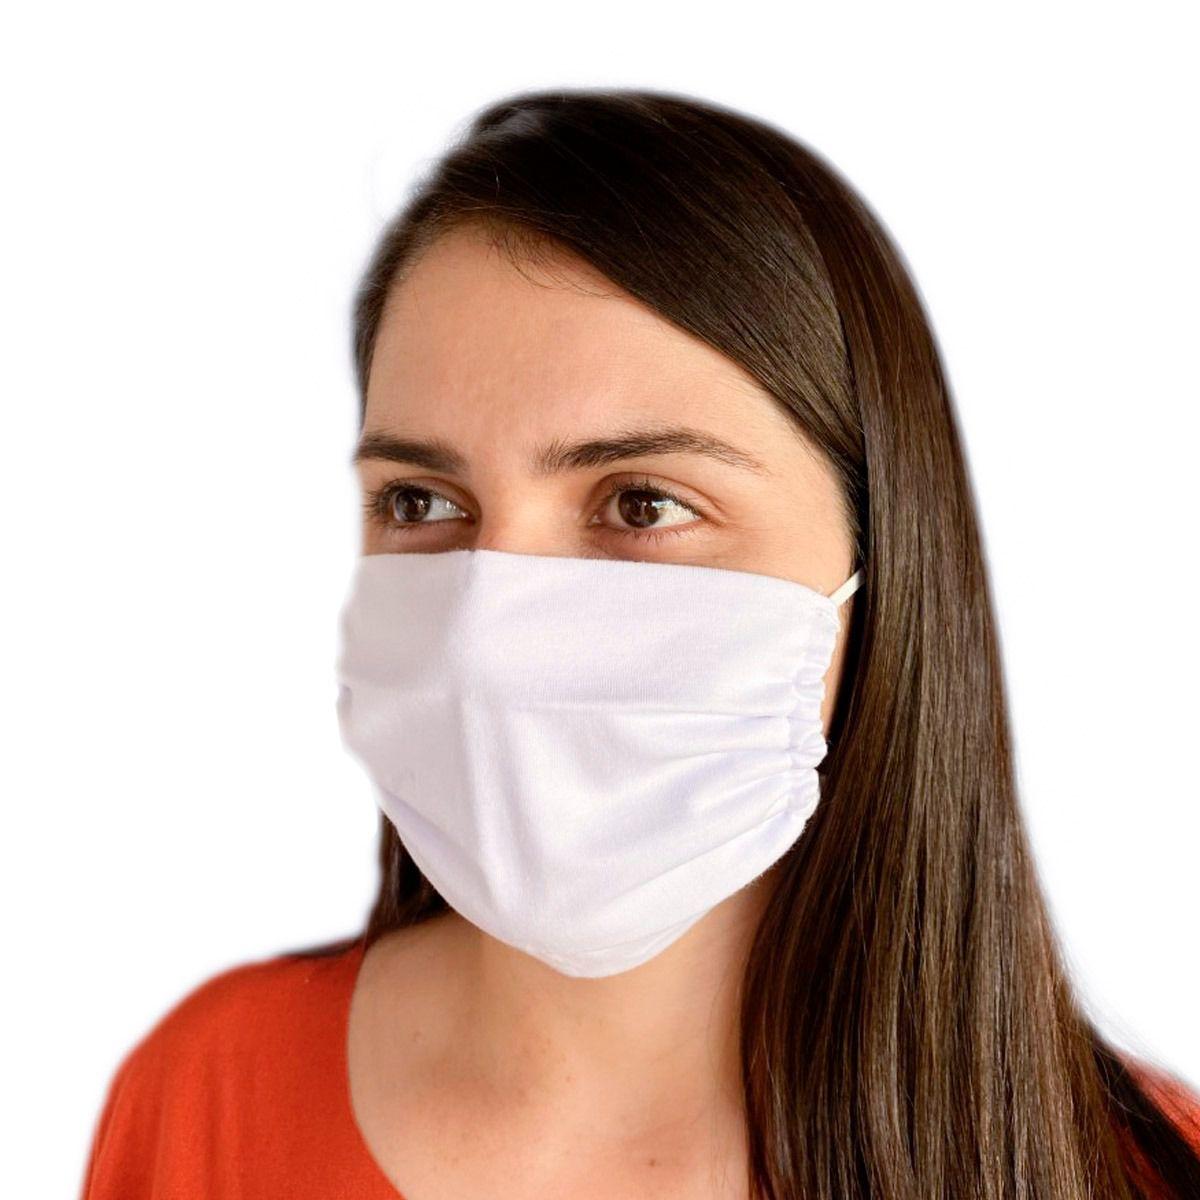 Kit Com 5 Máscaras De Proteção Em Algodão Reutilizável-Sedução 0019